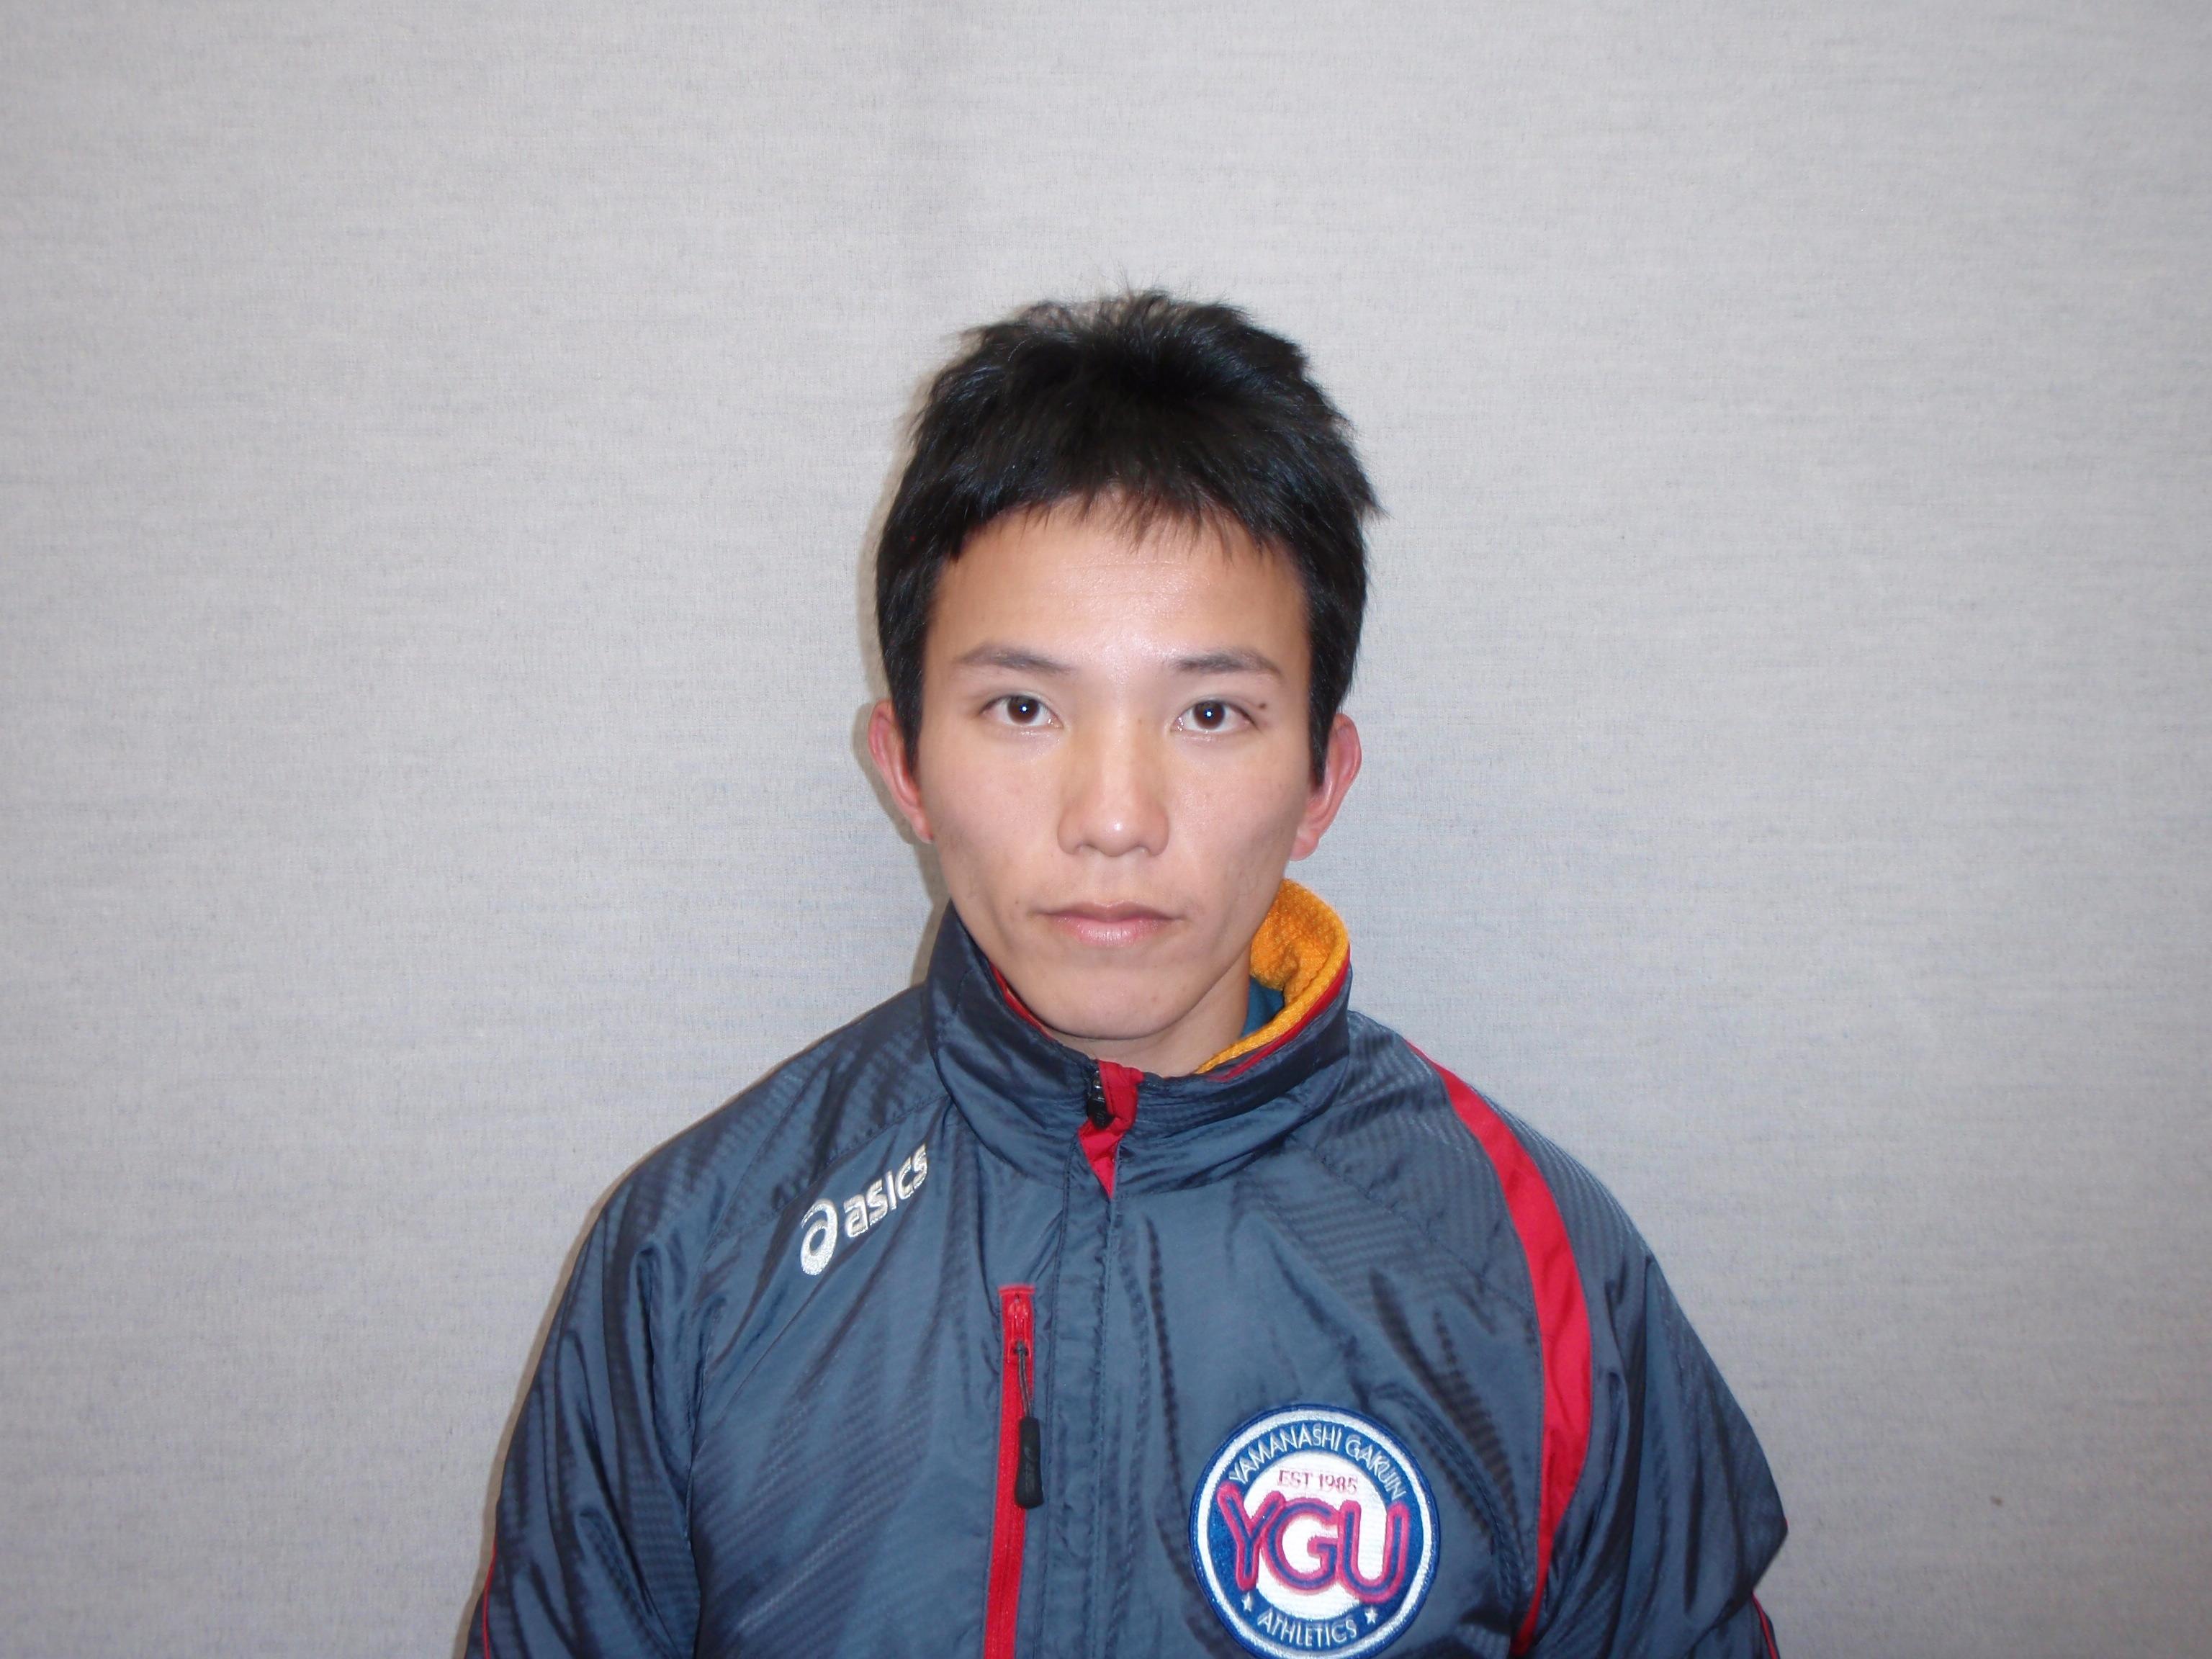 Yukari Oda Hiroto Inoue (Yamanashi Gakuin University) Born: Jan. 6, 1993 in Nagasaki, age 21